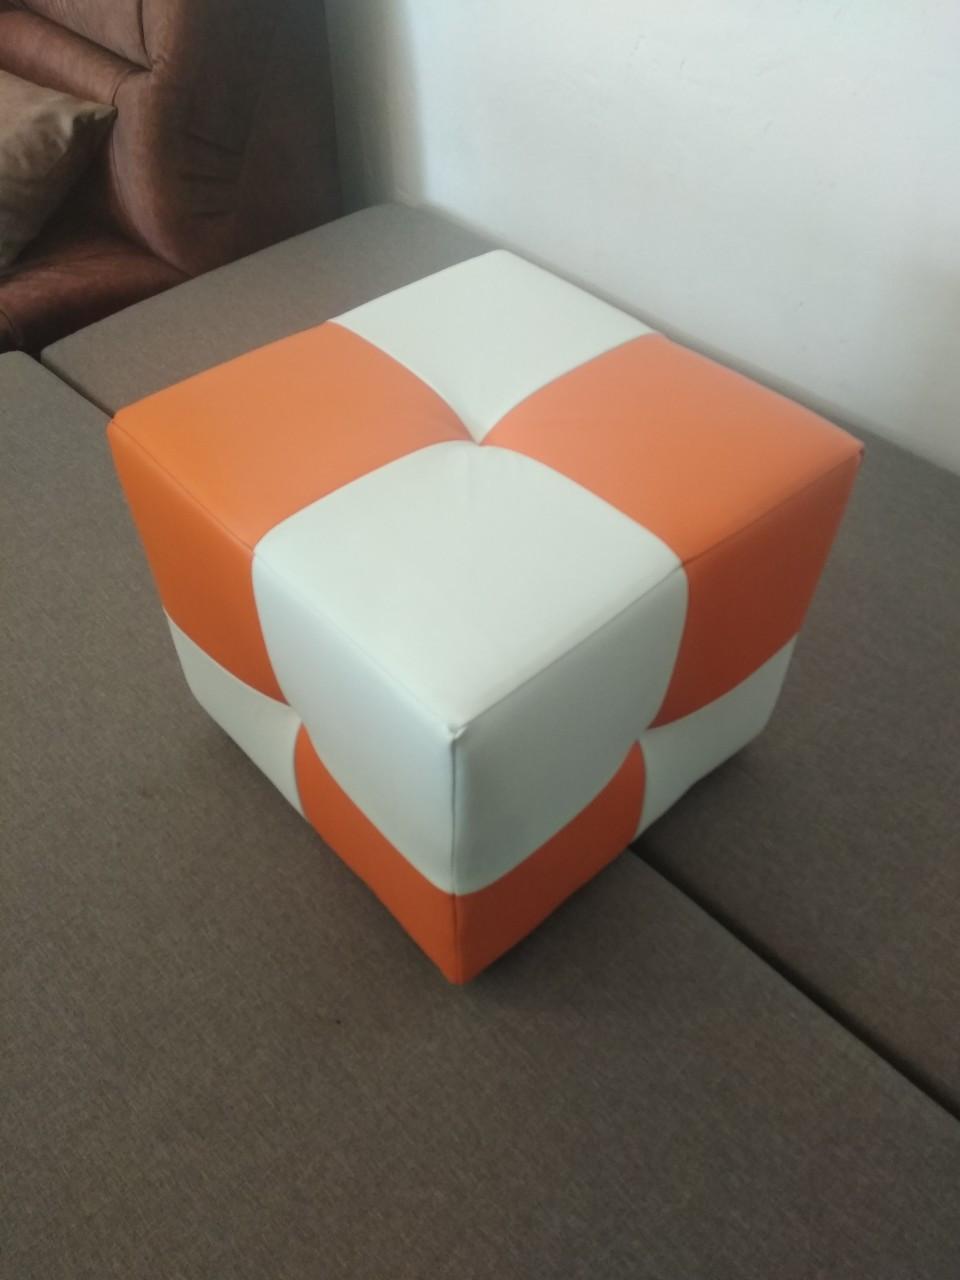 Пуф Рио белый с оранжевым,пуфик,пуфики,пуф кожзам,пуф экокожа,банкетка,банкетки,пуф куб,пуф фото